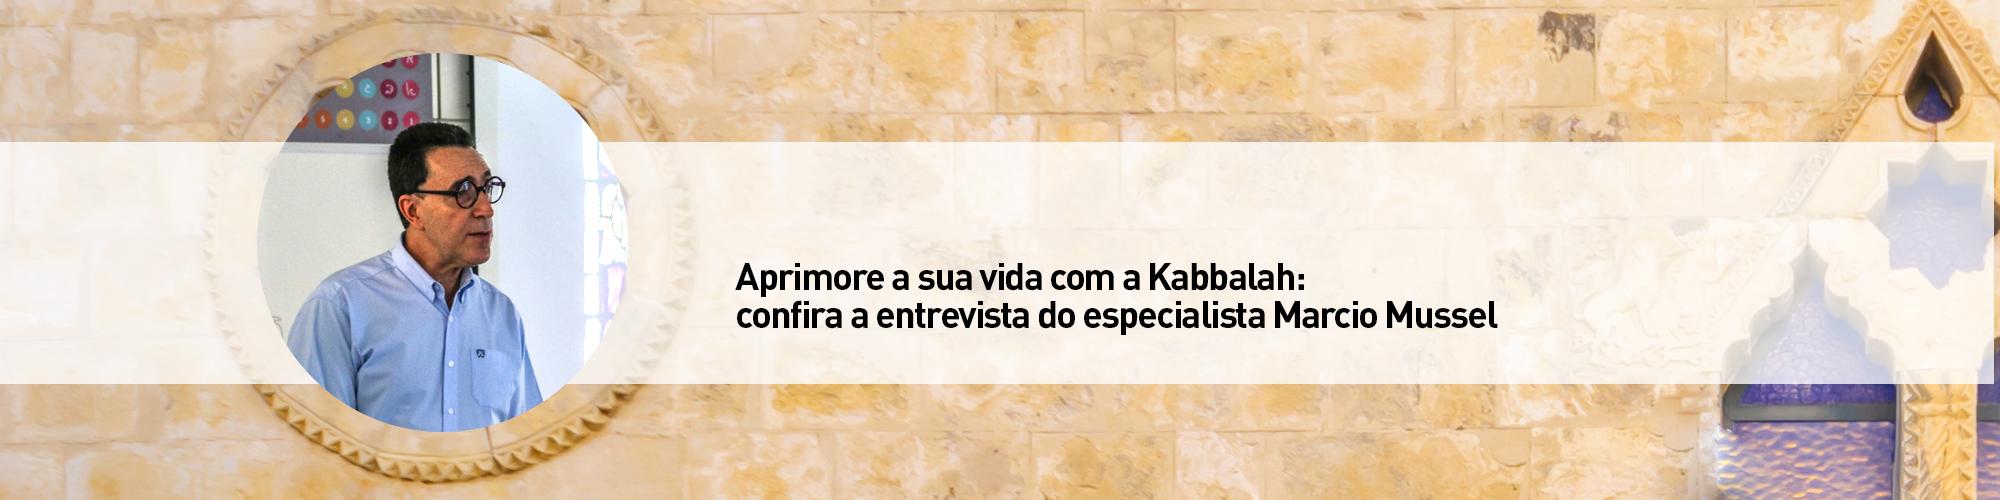 Aprimore a sua vida com a Kabbalah: confira a entrevista do especialista Marcio Mussel